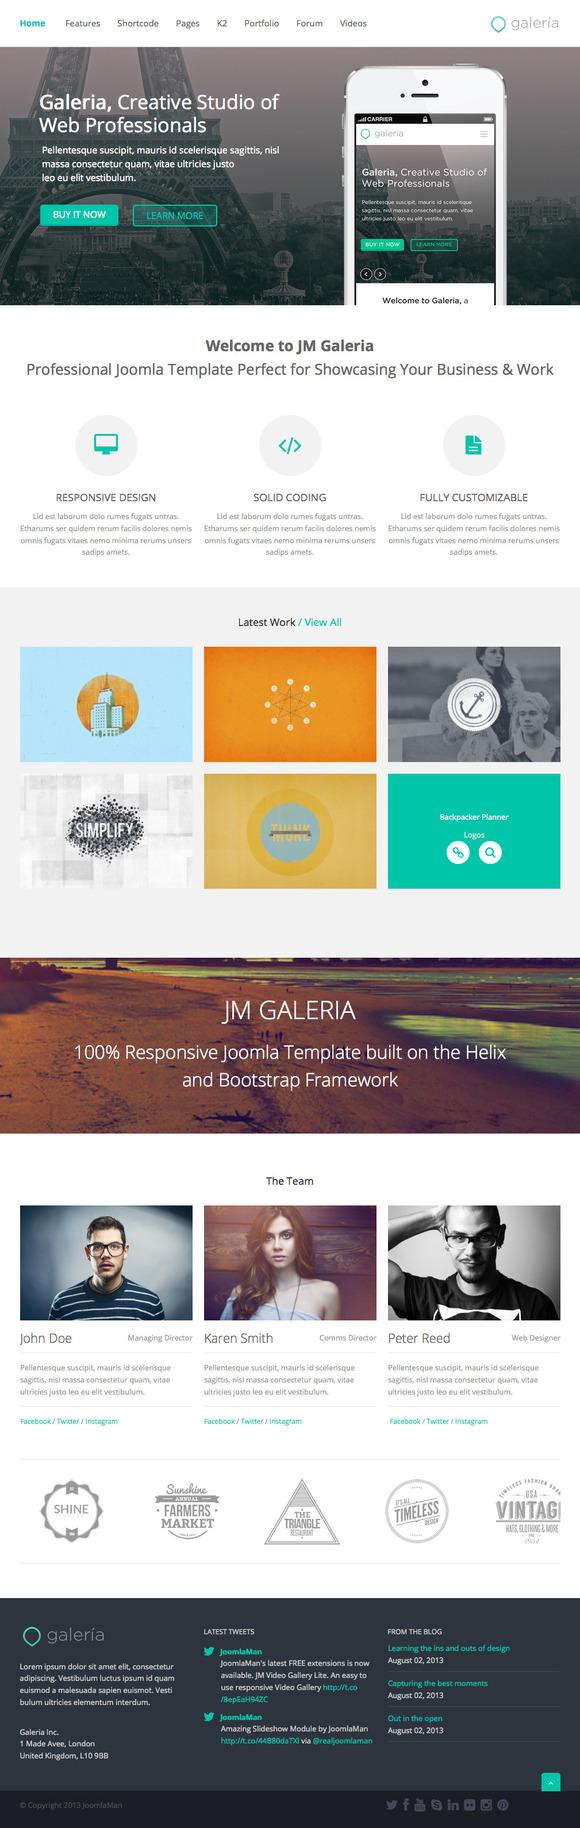 Responsive Template JM Galeria